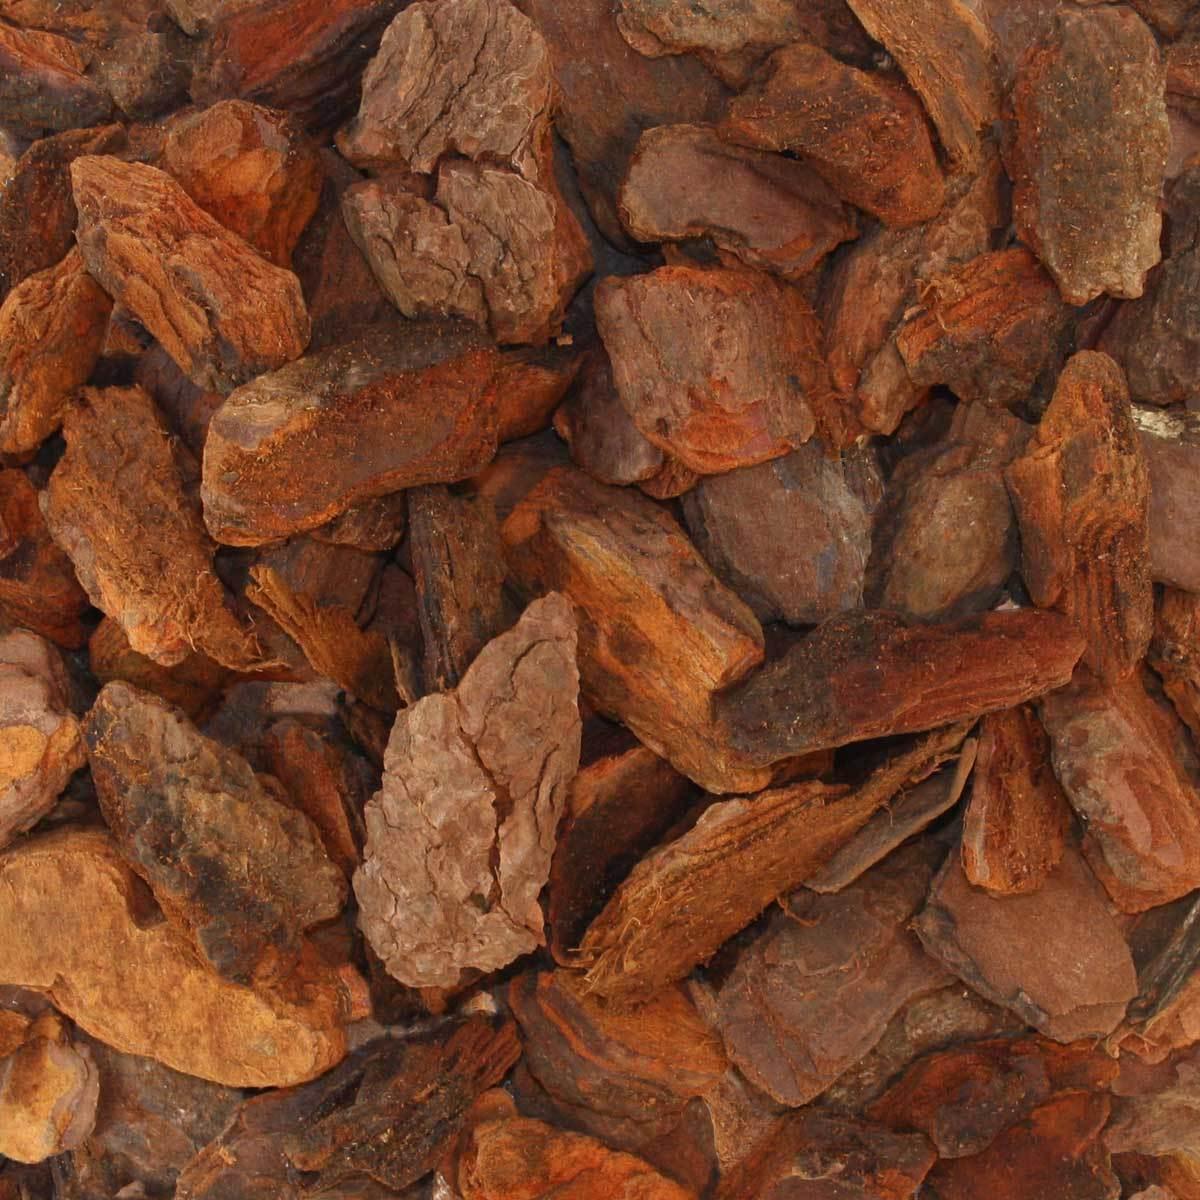 Pinienrinde Pinienmulch Rindenmulch Öko Deko 40-60mm 70l x 12 Sack 840l Palette